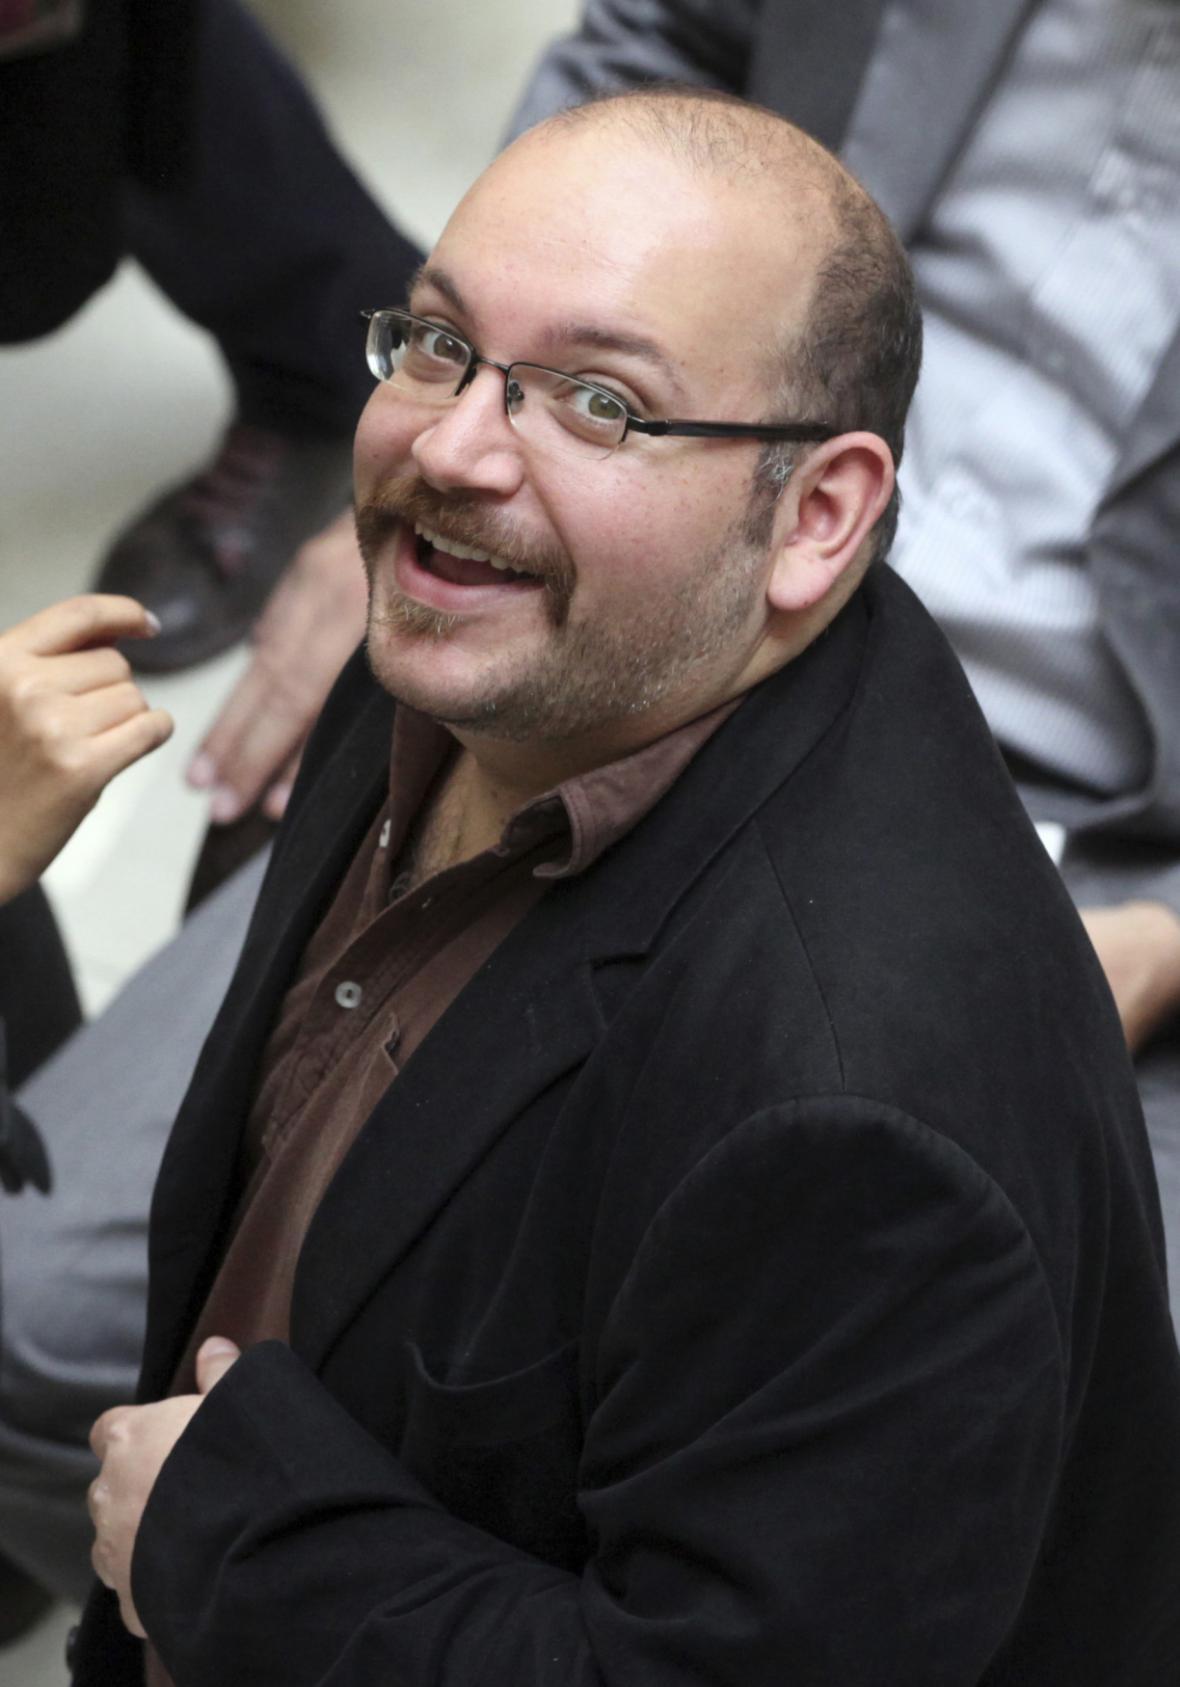 Novinář Jason Rezaian